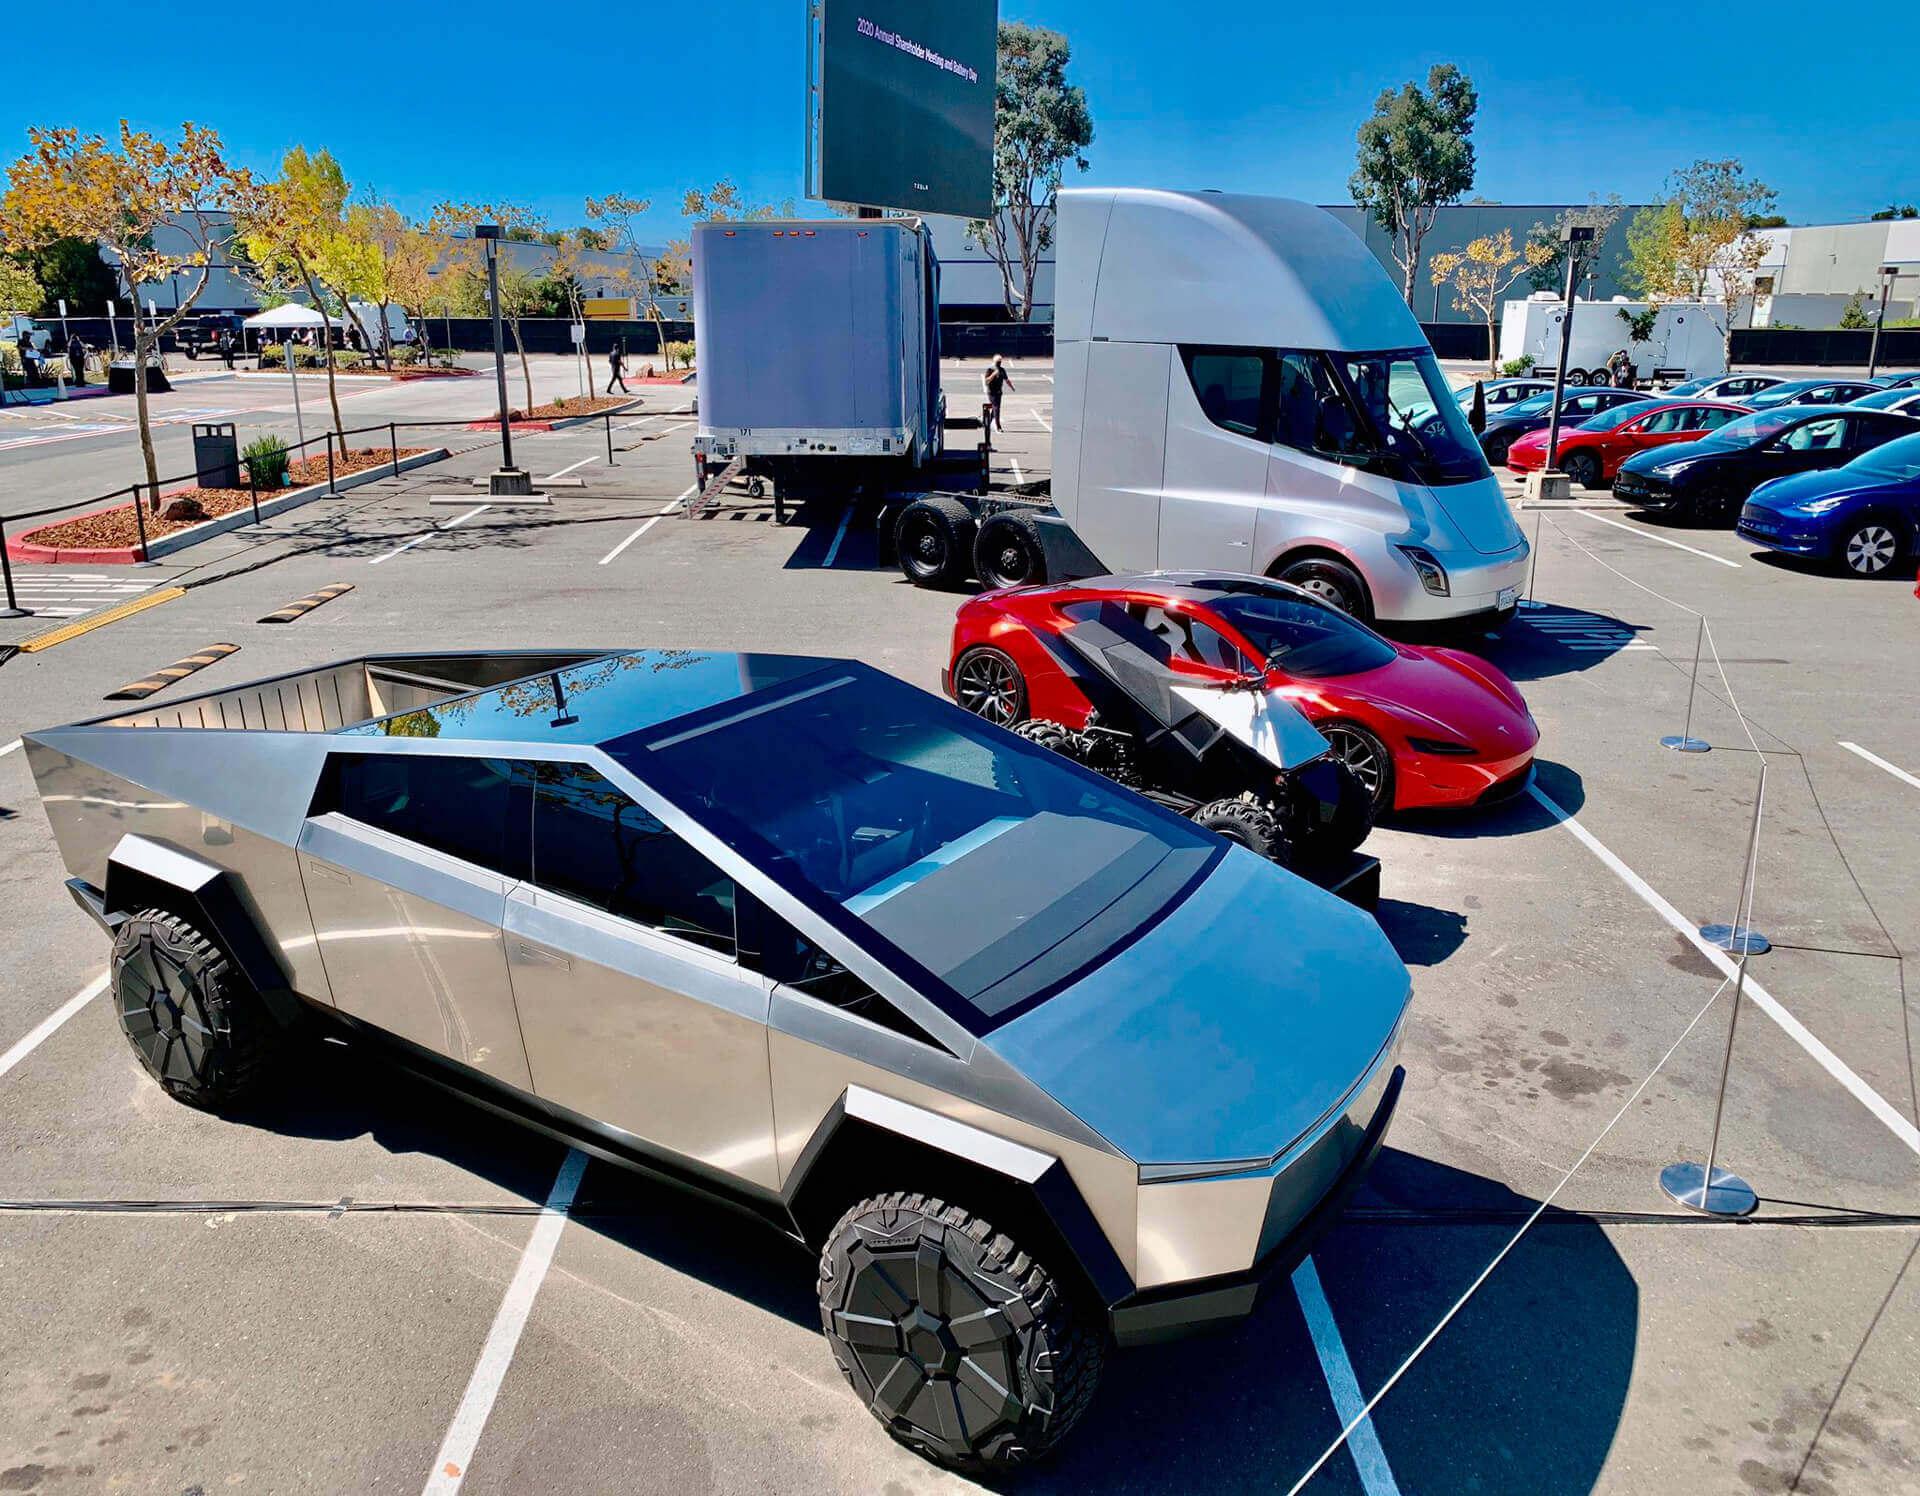 Tesla Battery Day дал возможность взглянуть на все прототипы компании